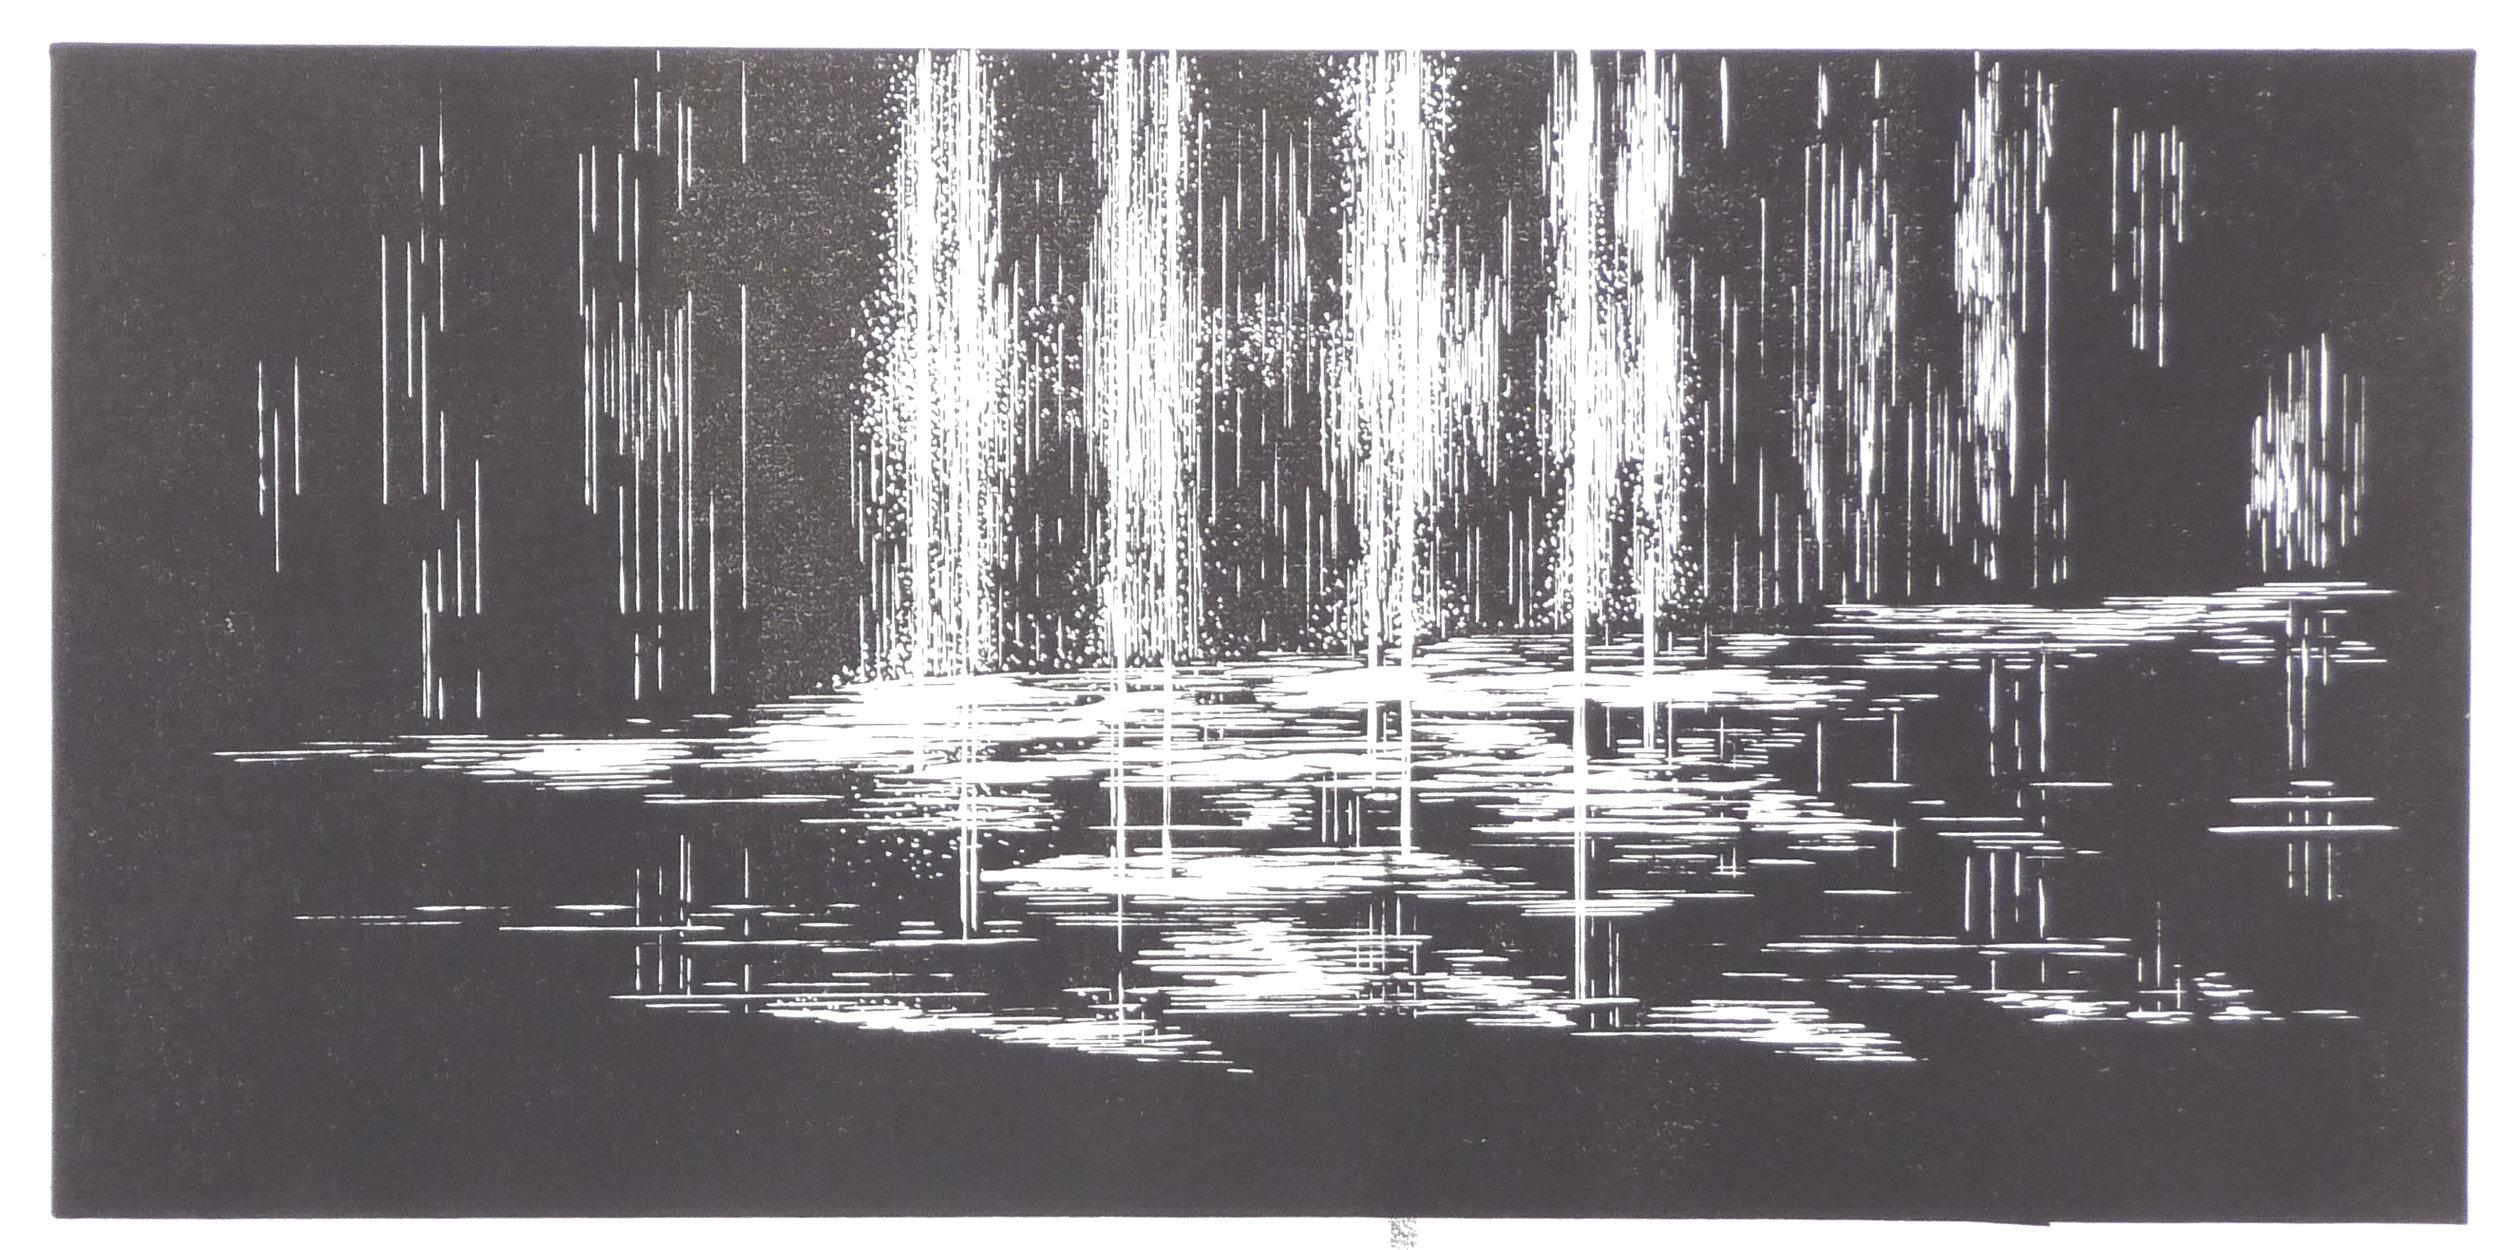 Wasserspielel, linoleum, 28 x 60 cm, 2017